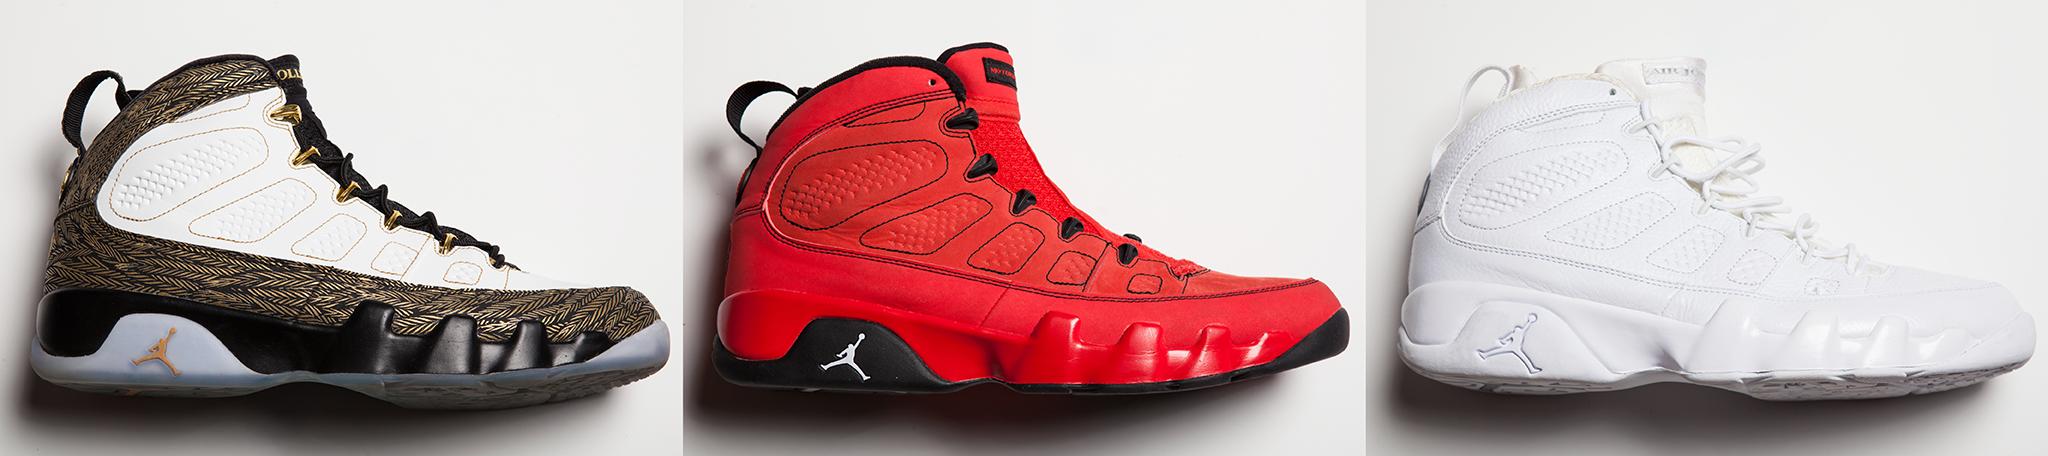 Air Jordan IX